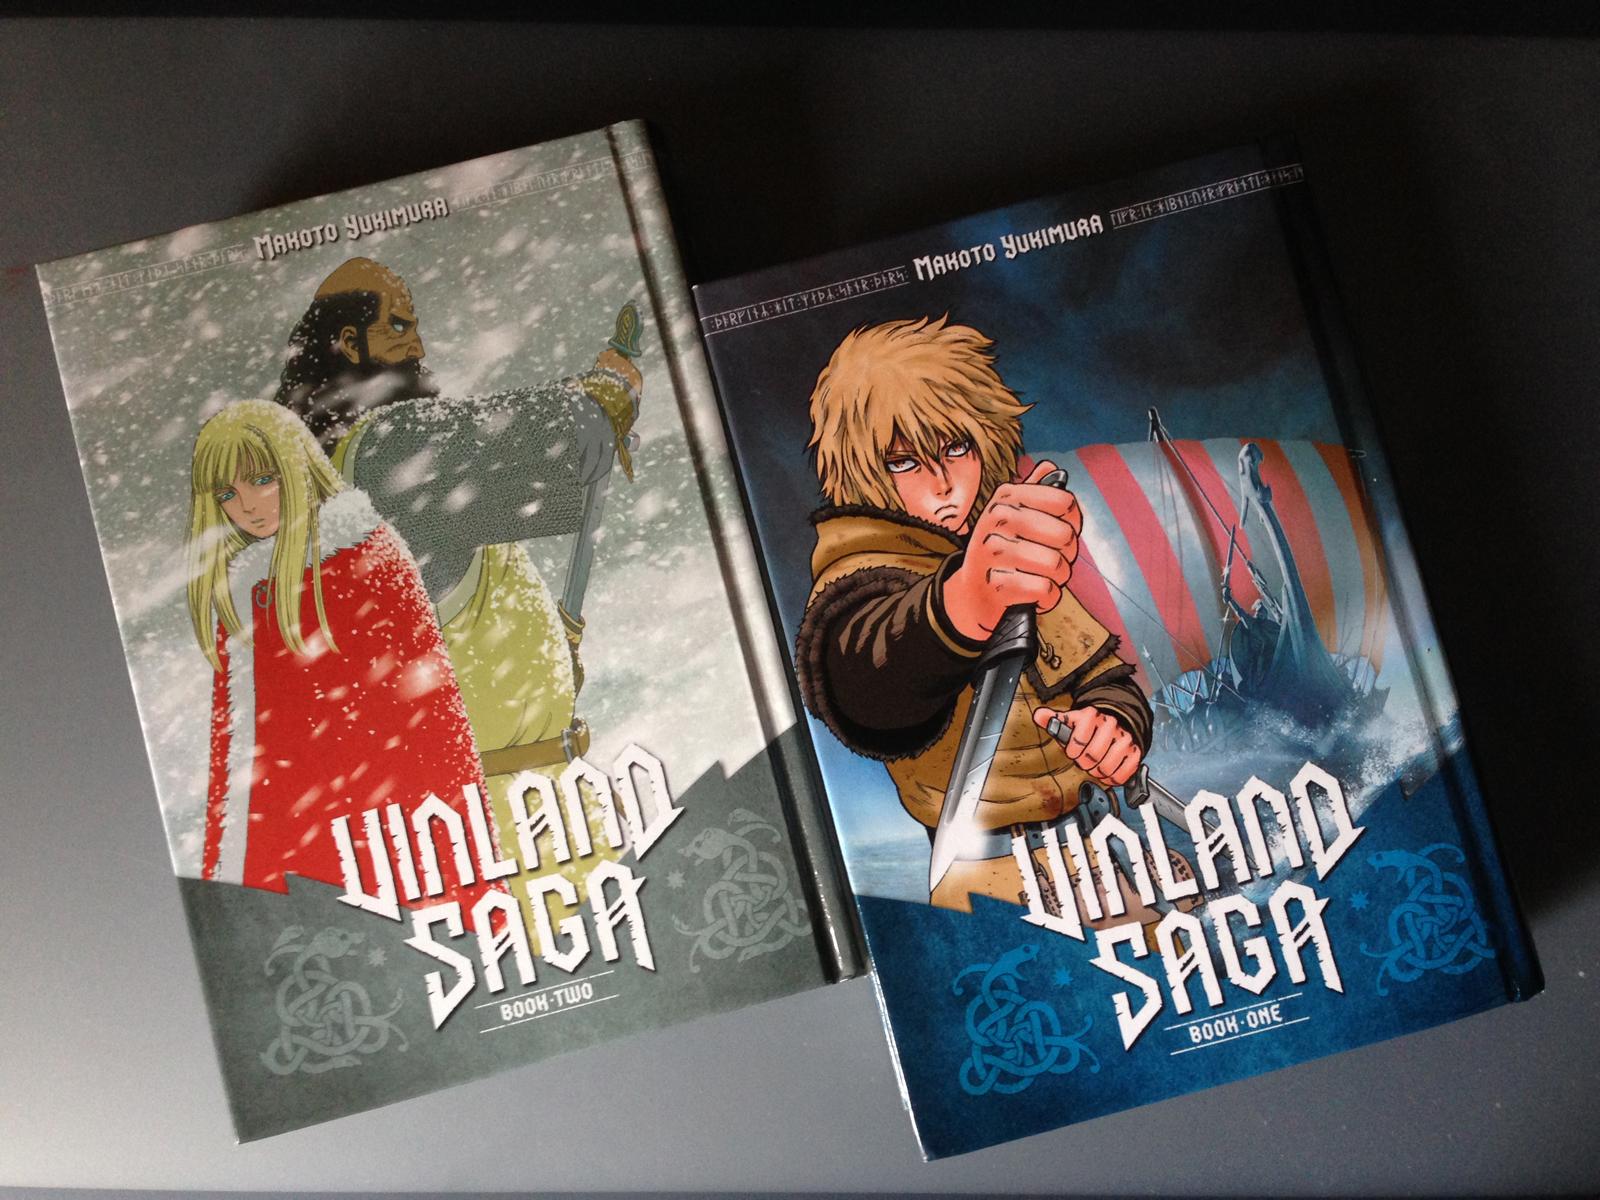 Vinland-saga-covers